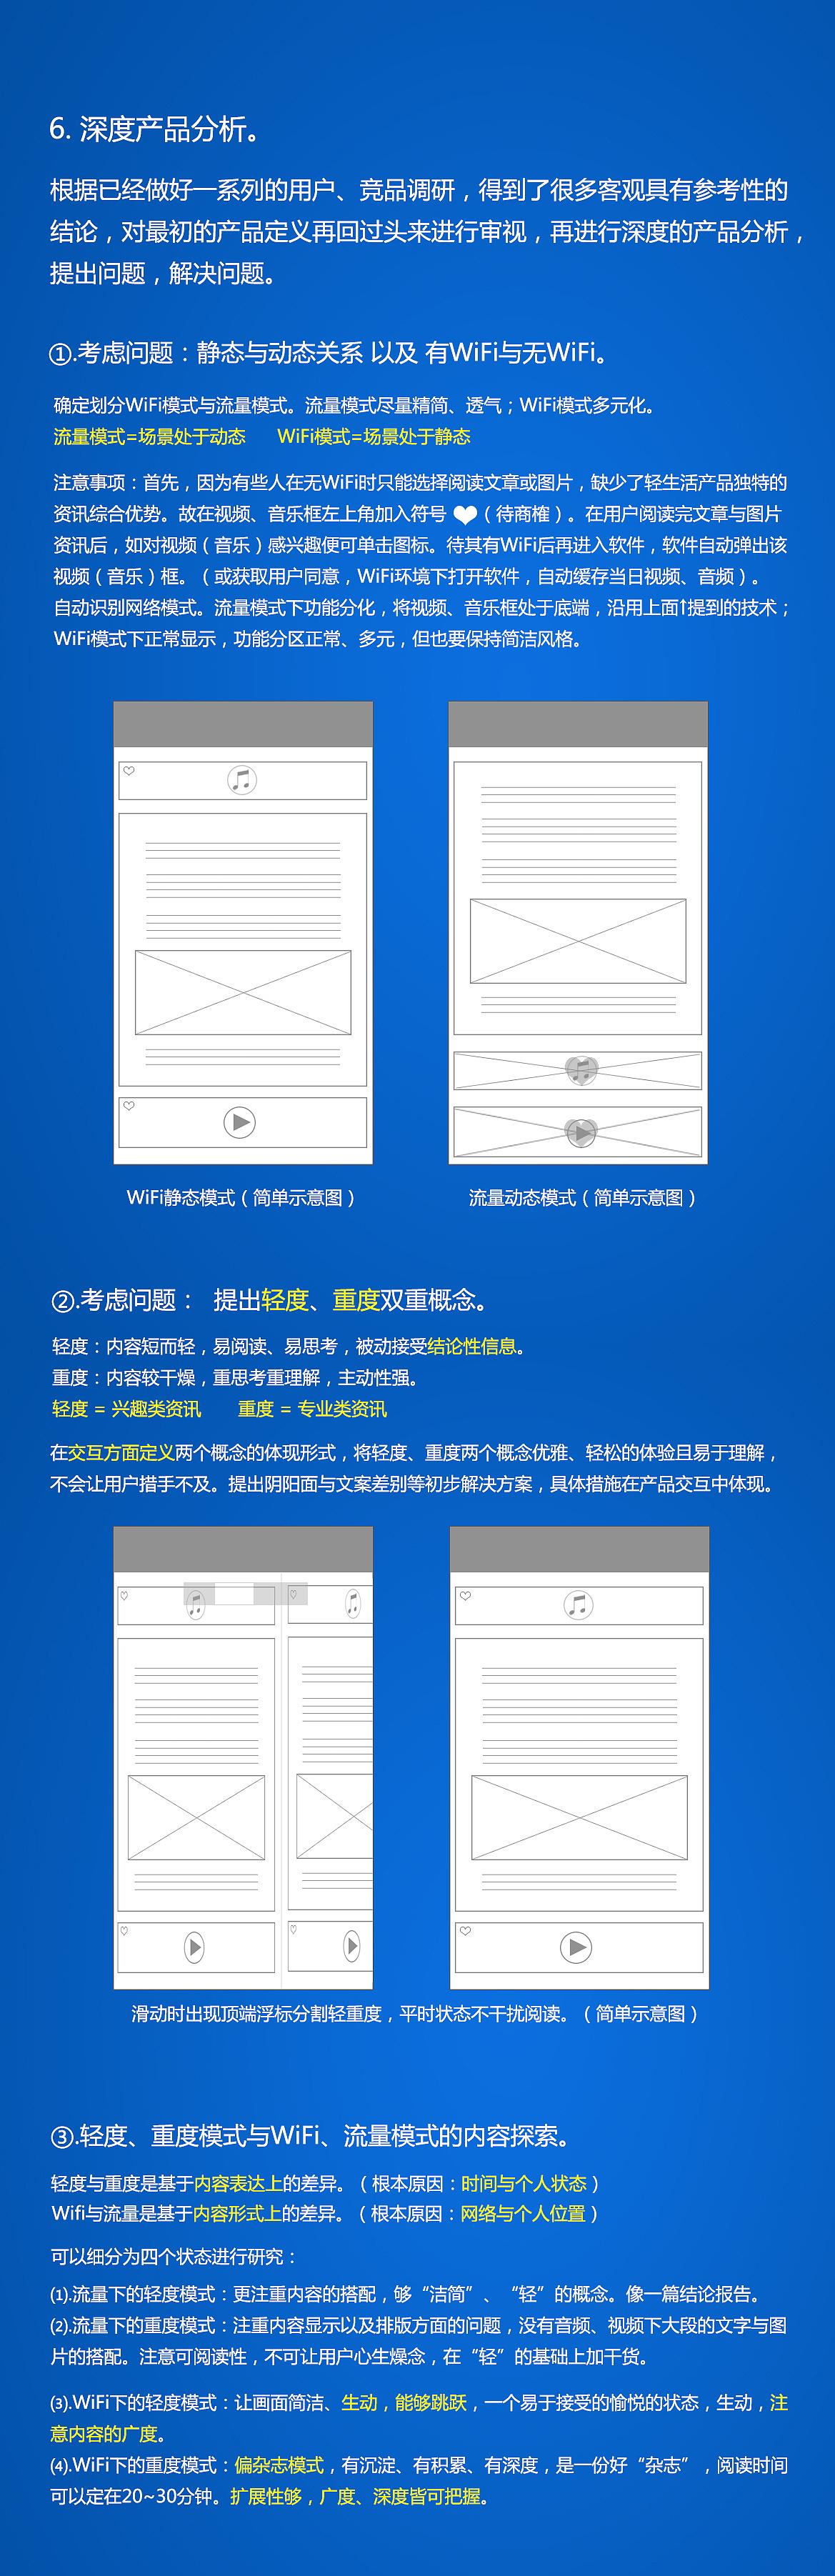 生活资讯_轻生活—资讯类APP 从无到有 前期产品需求分析到后期UI设计全 ...